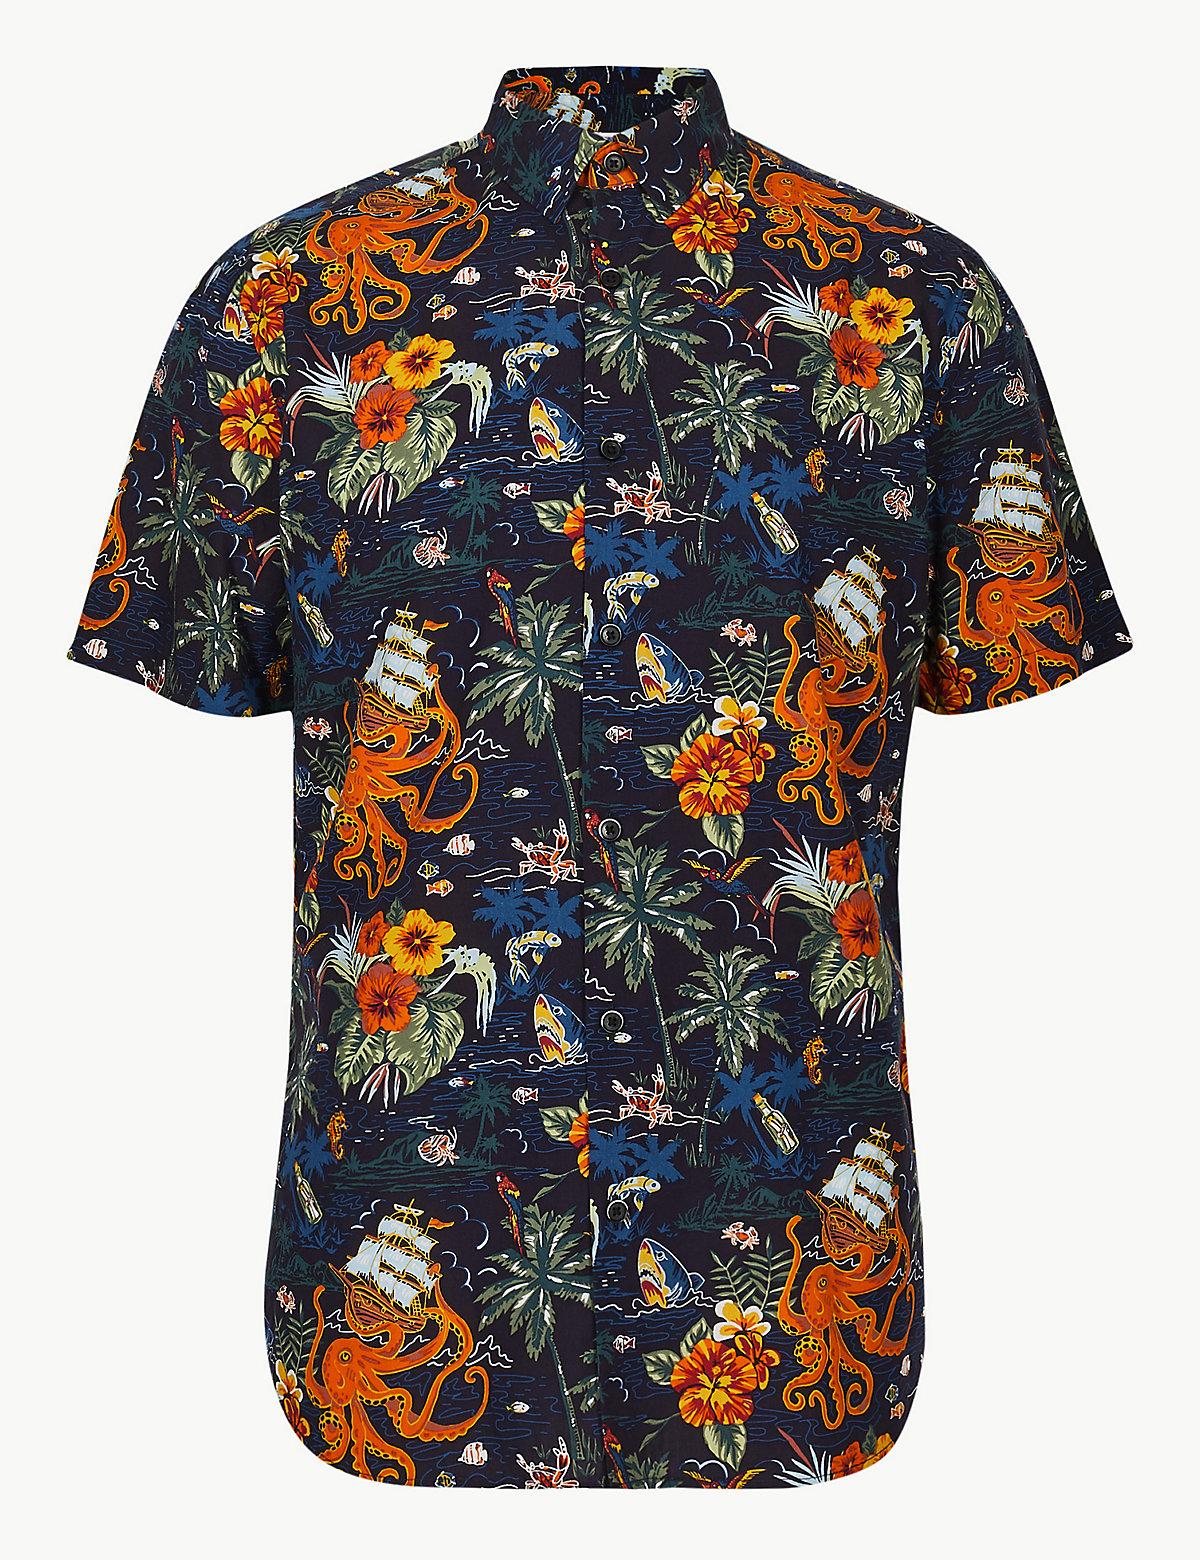 Хлопковая мужская рубашка с гавайским принтом